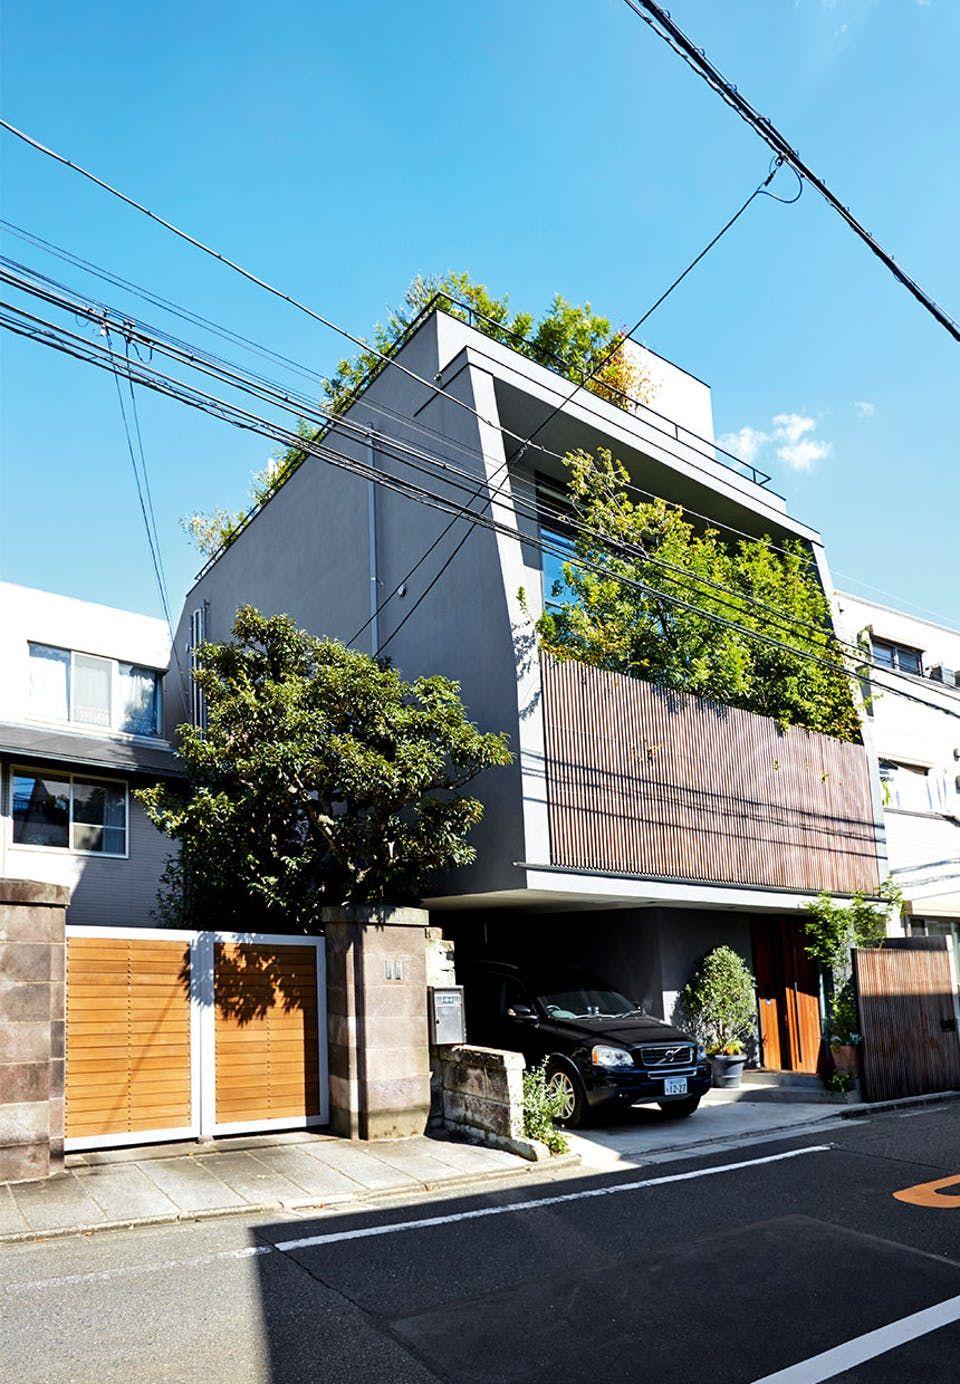 Smuk udenpå, betagende indeni | Narrow | Pinterest | Tokyo on